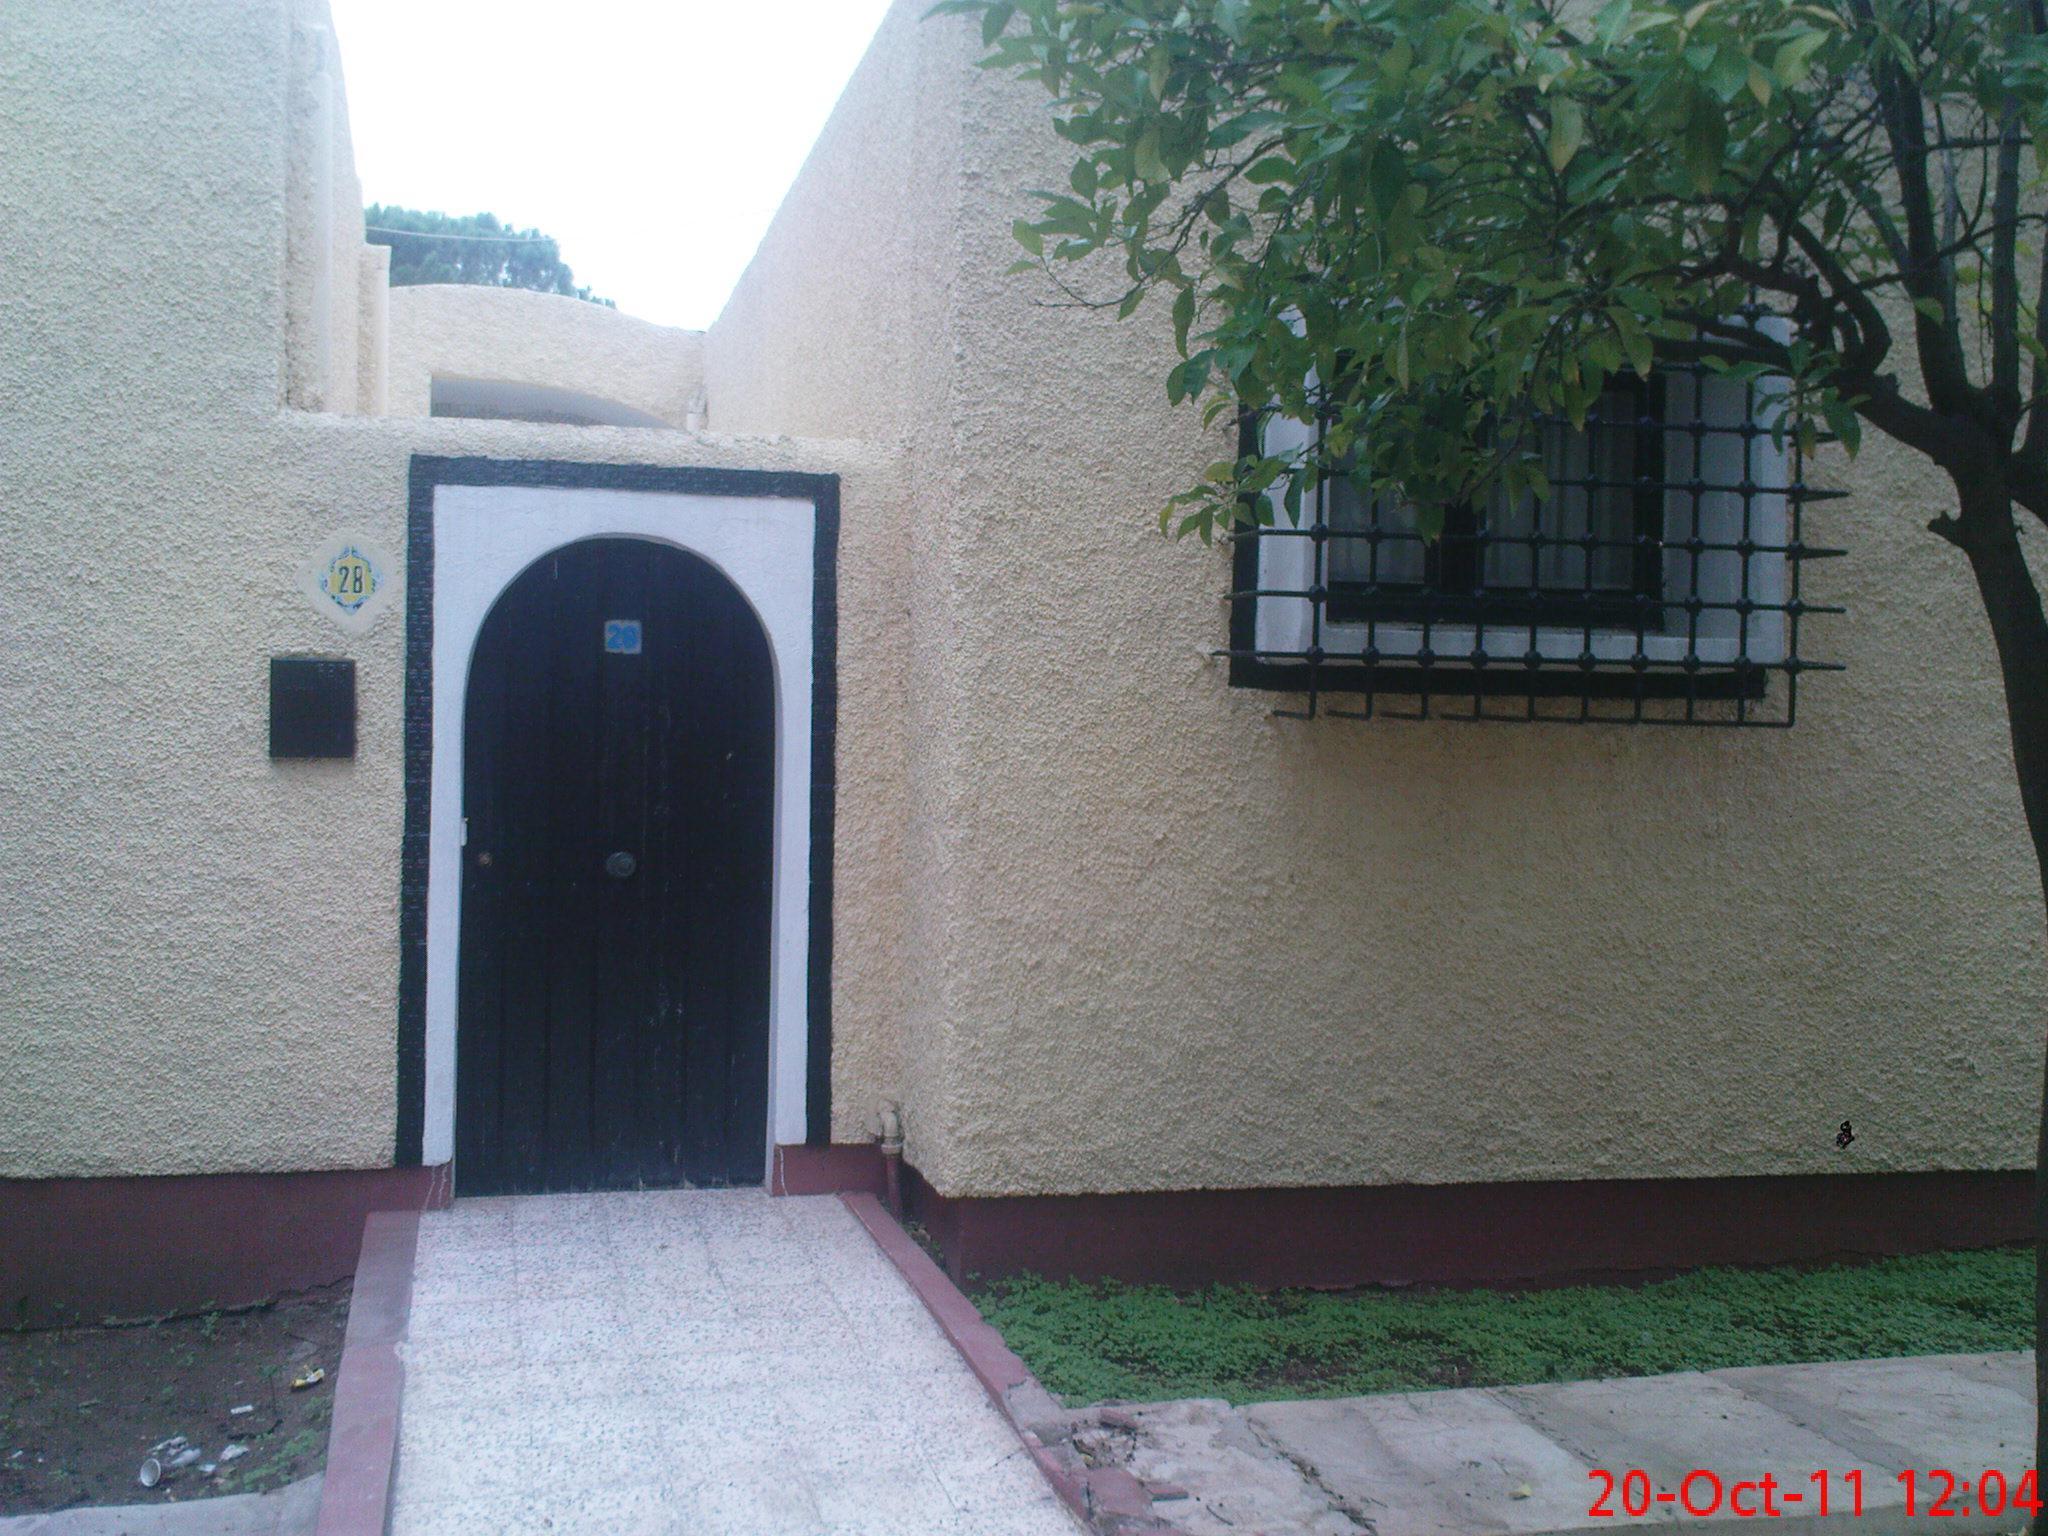 صور حصرية من حمام الشلالة حمام دباغ 863371105